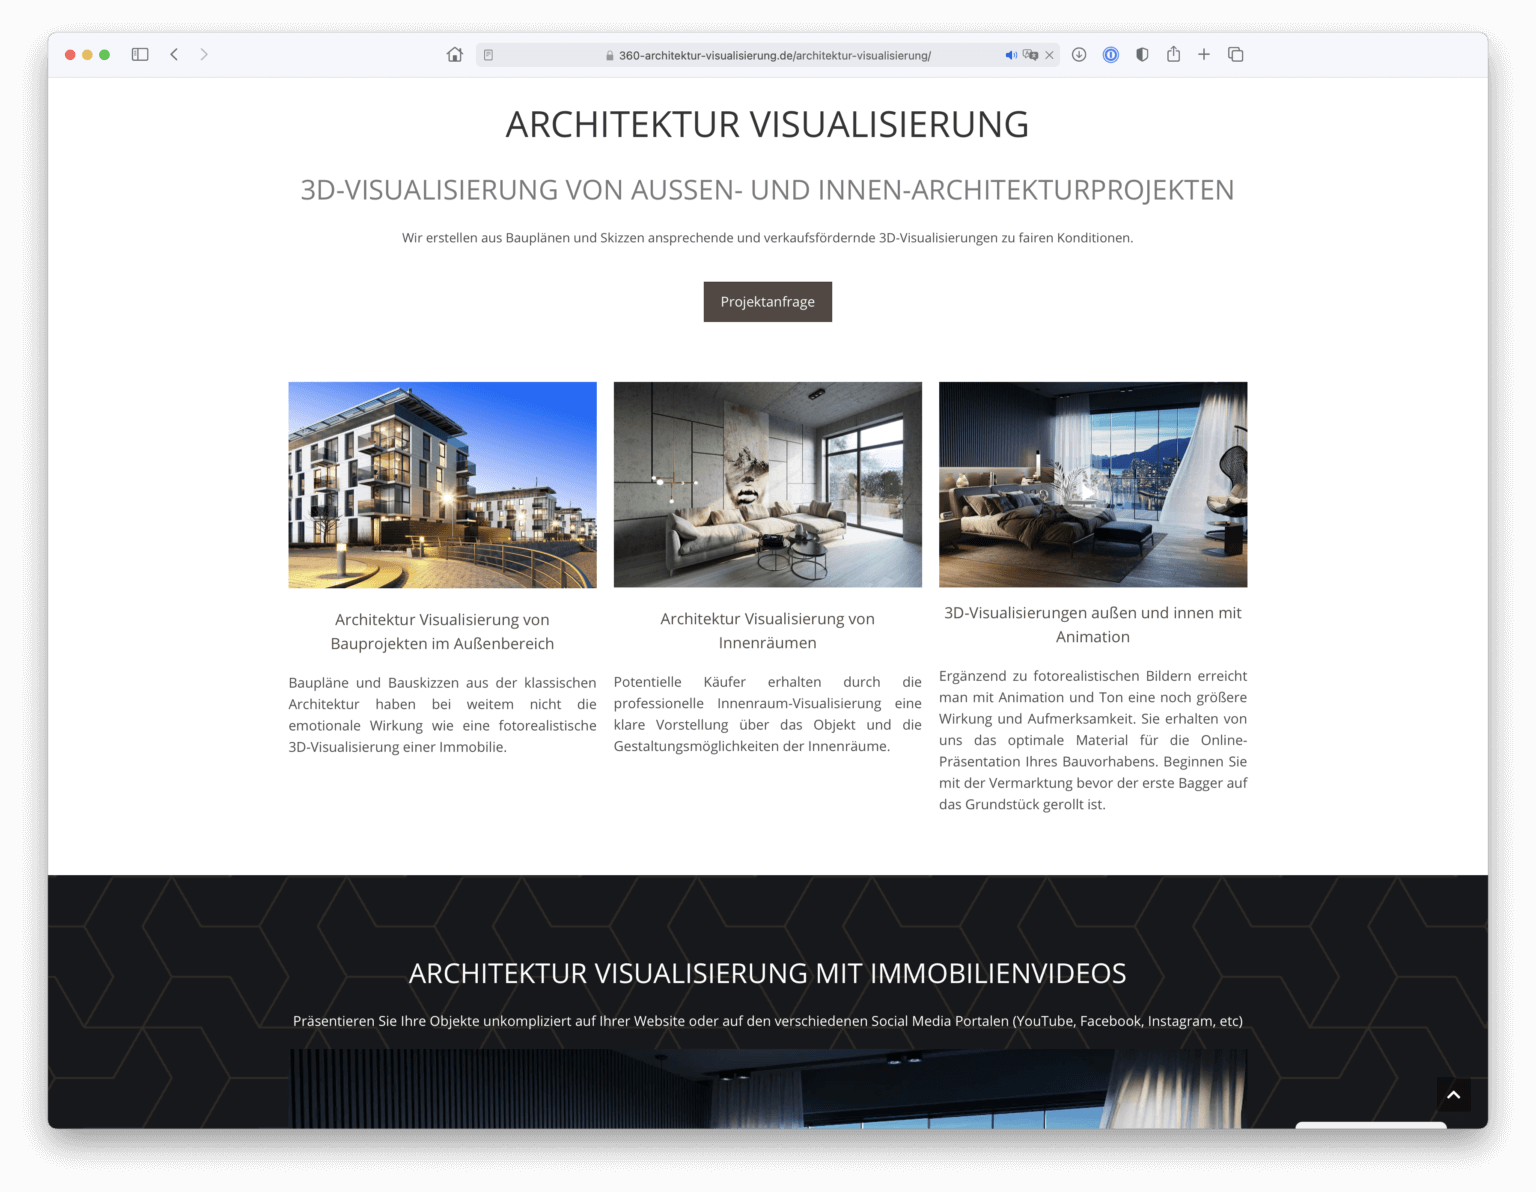 Professionelles Webdesign der Unterseite